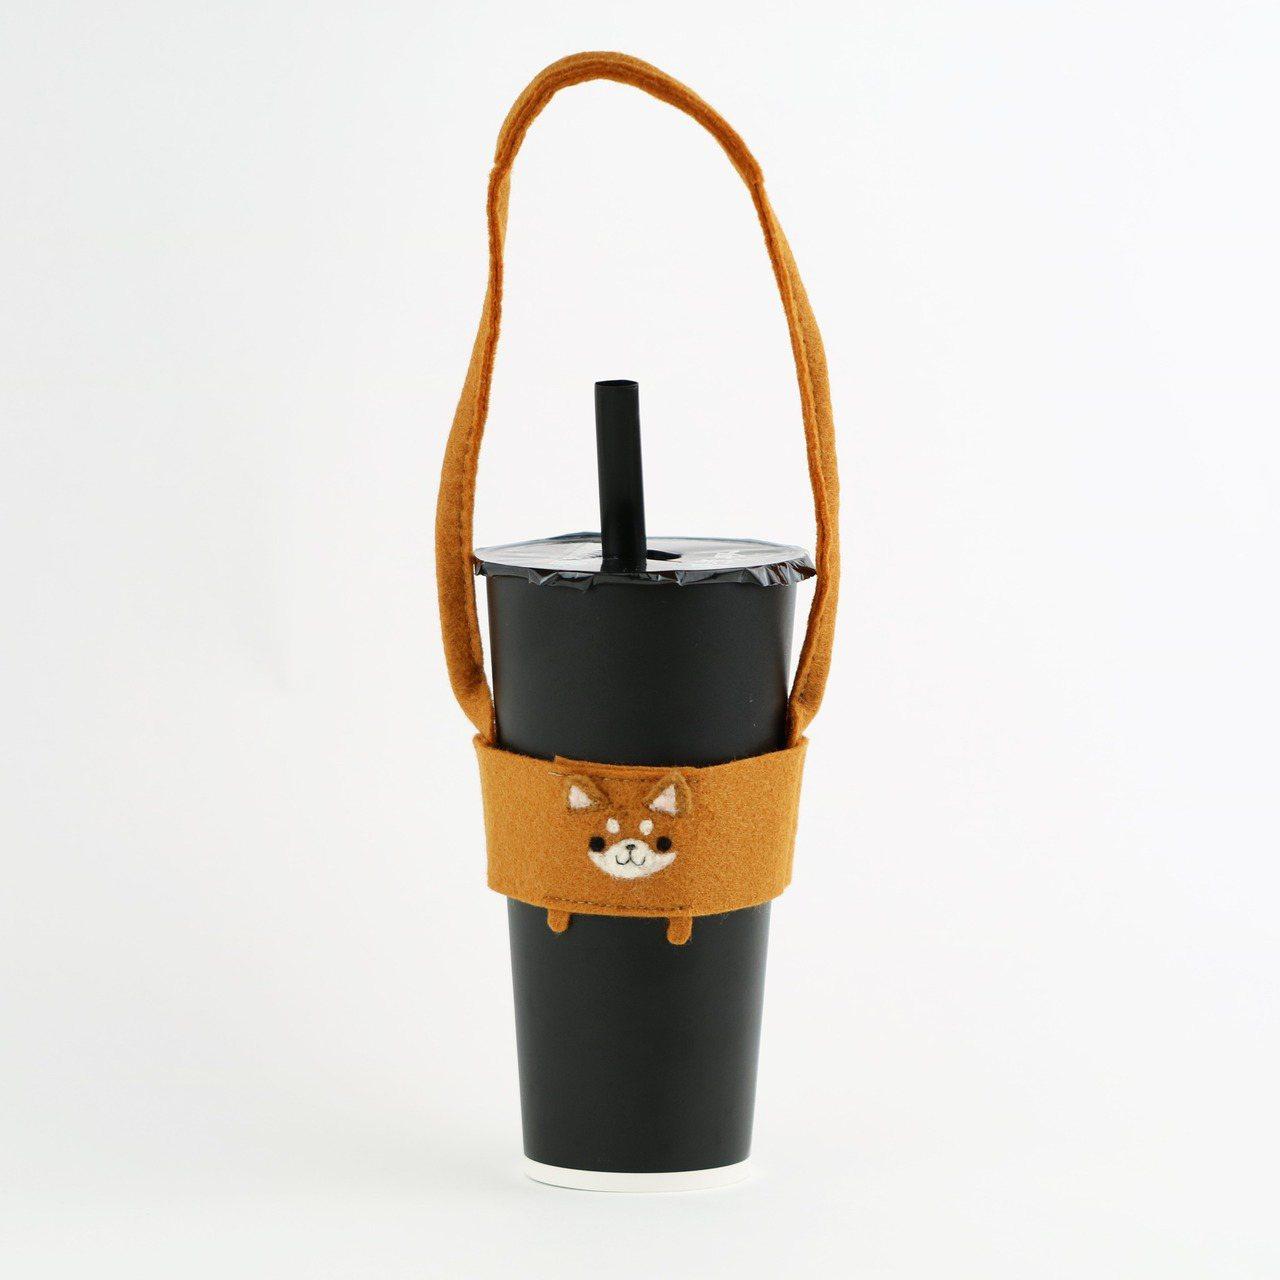 擴大限塑政策上路,環保飲料提袋成了近期網購熱搜商品之一。圖/Pinkoi提供